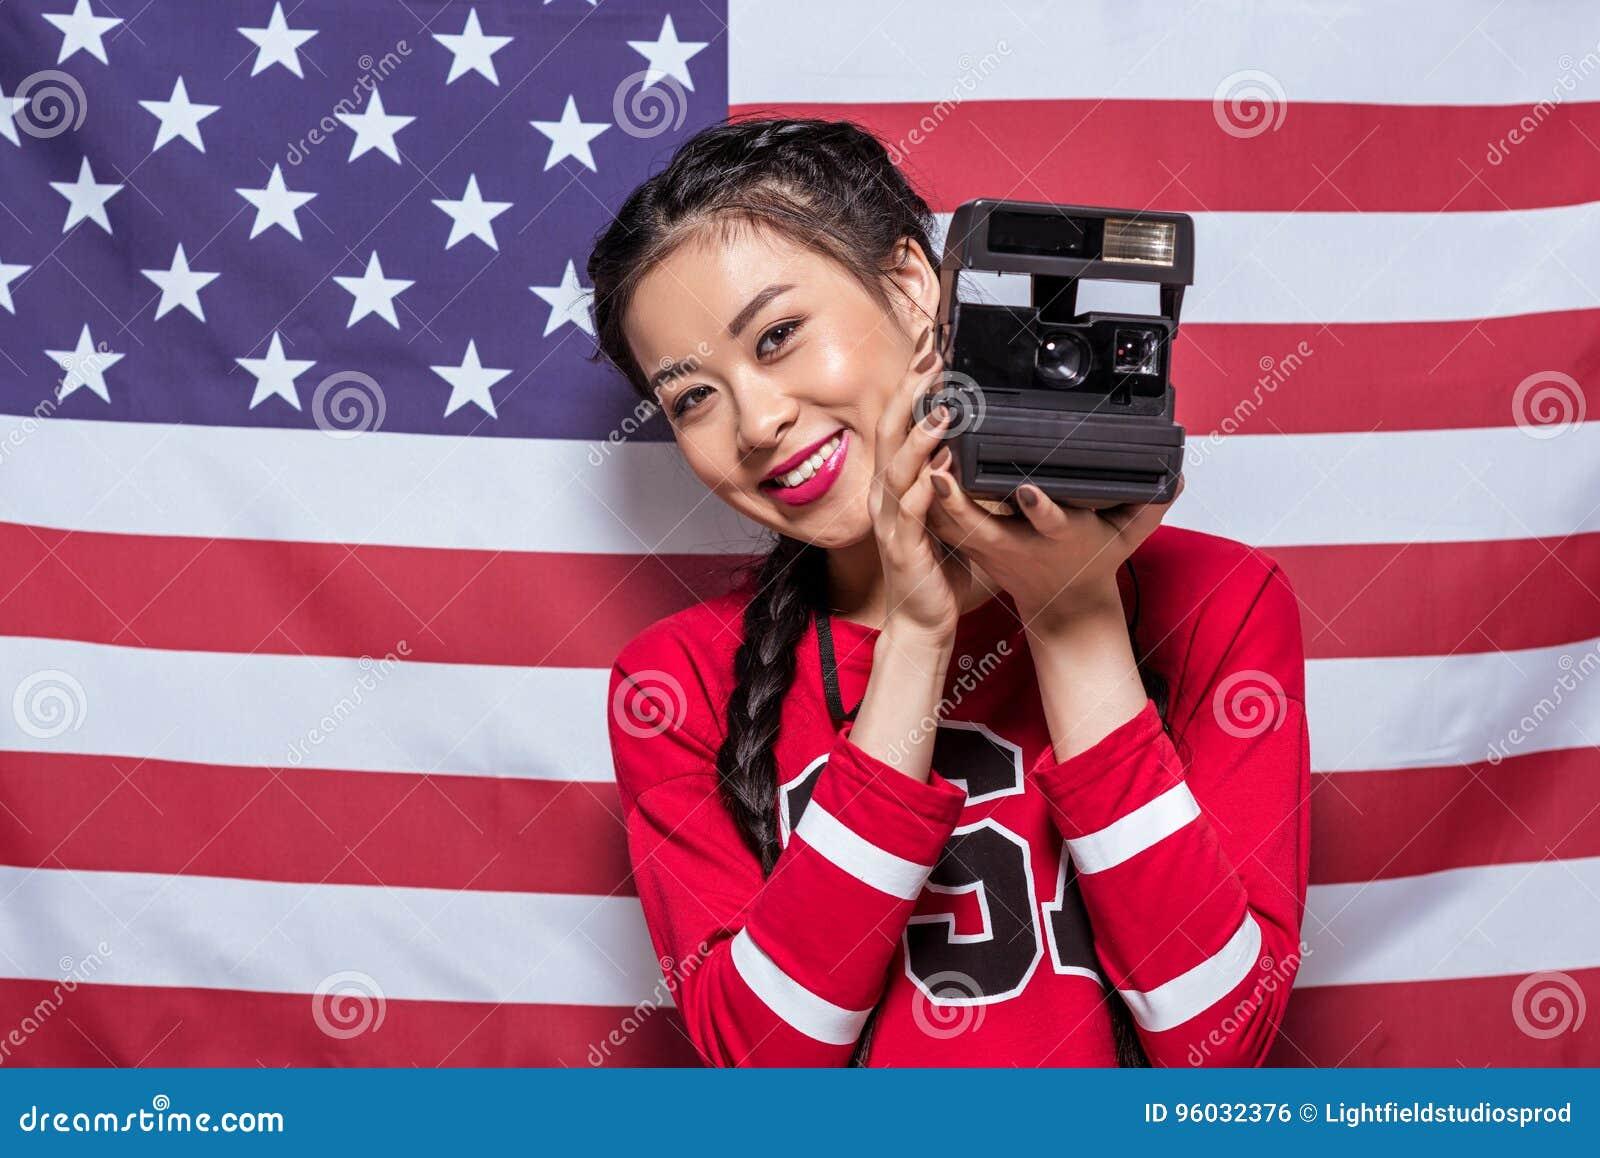 Azjatycka kobieta trzyma retro fotografii kamerę z flaga amerykańską behind